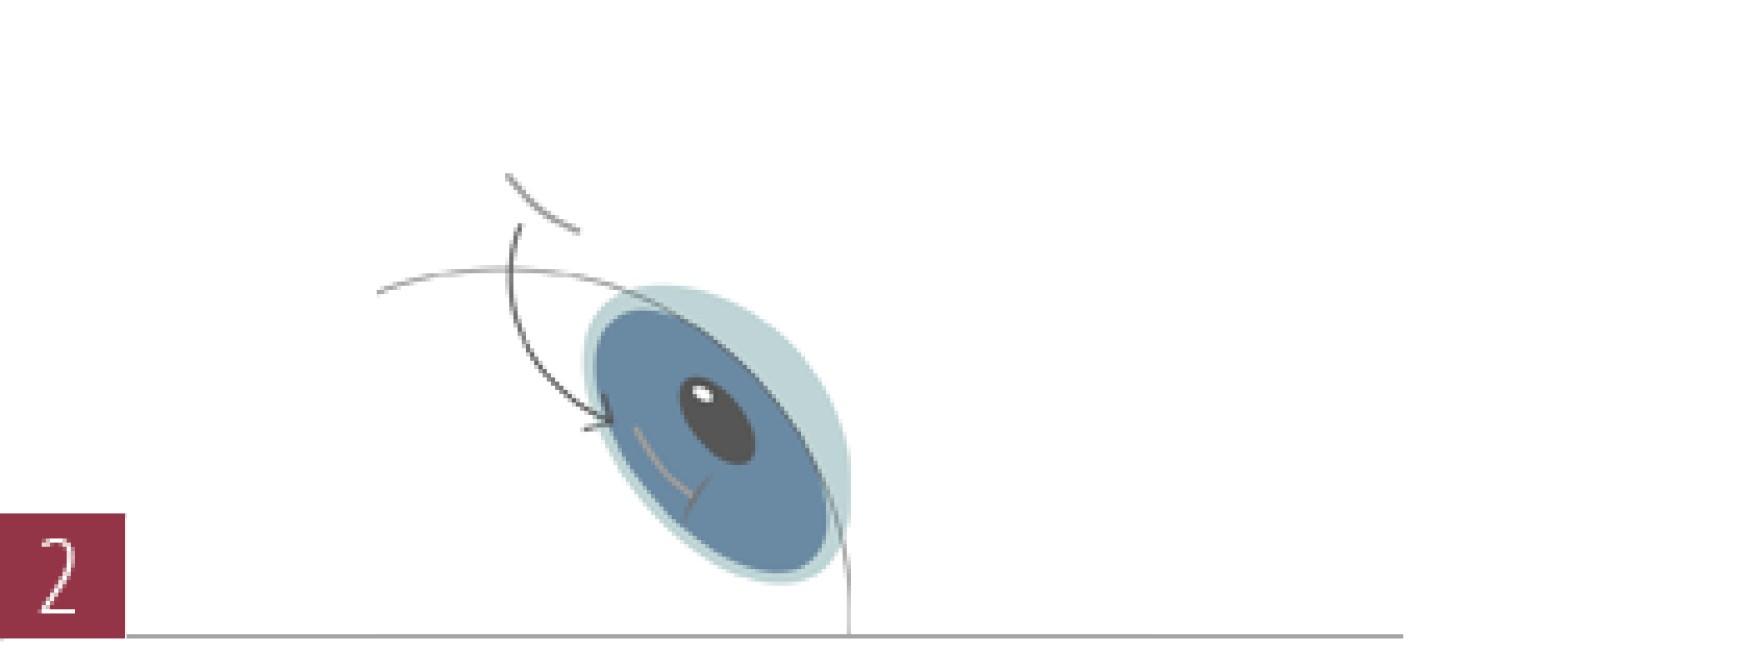 圆锥角膜手术